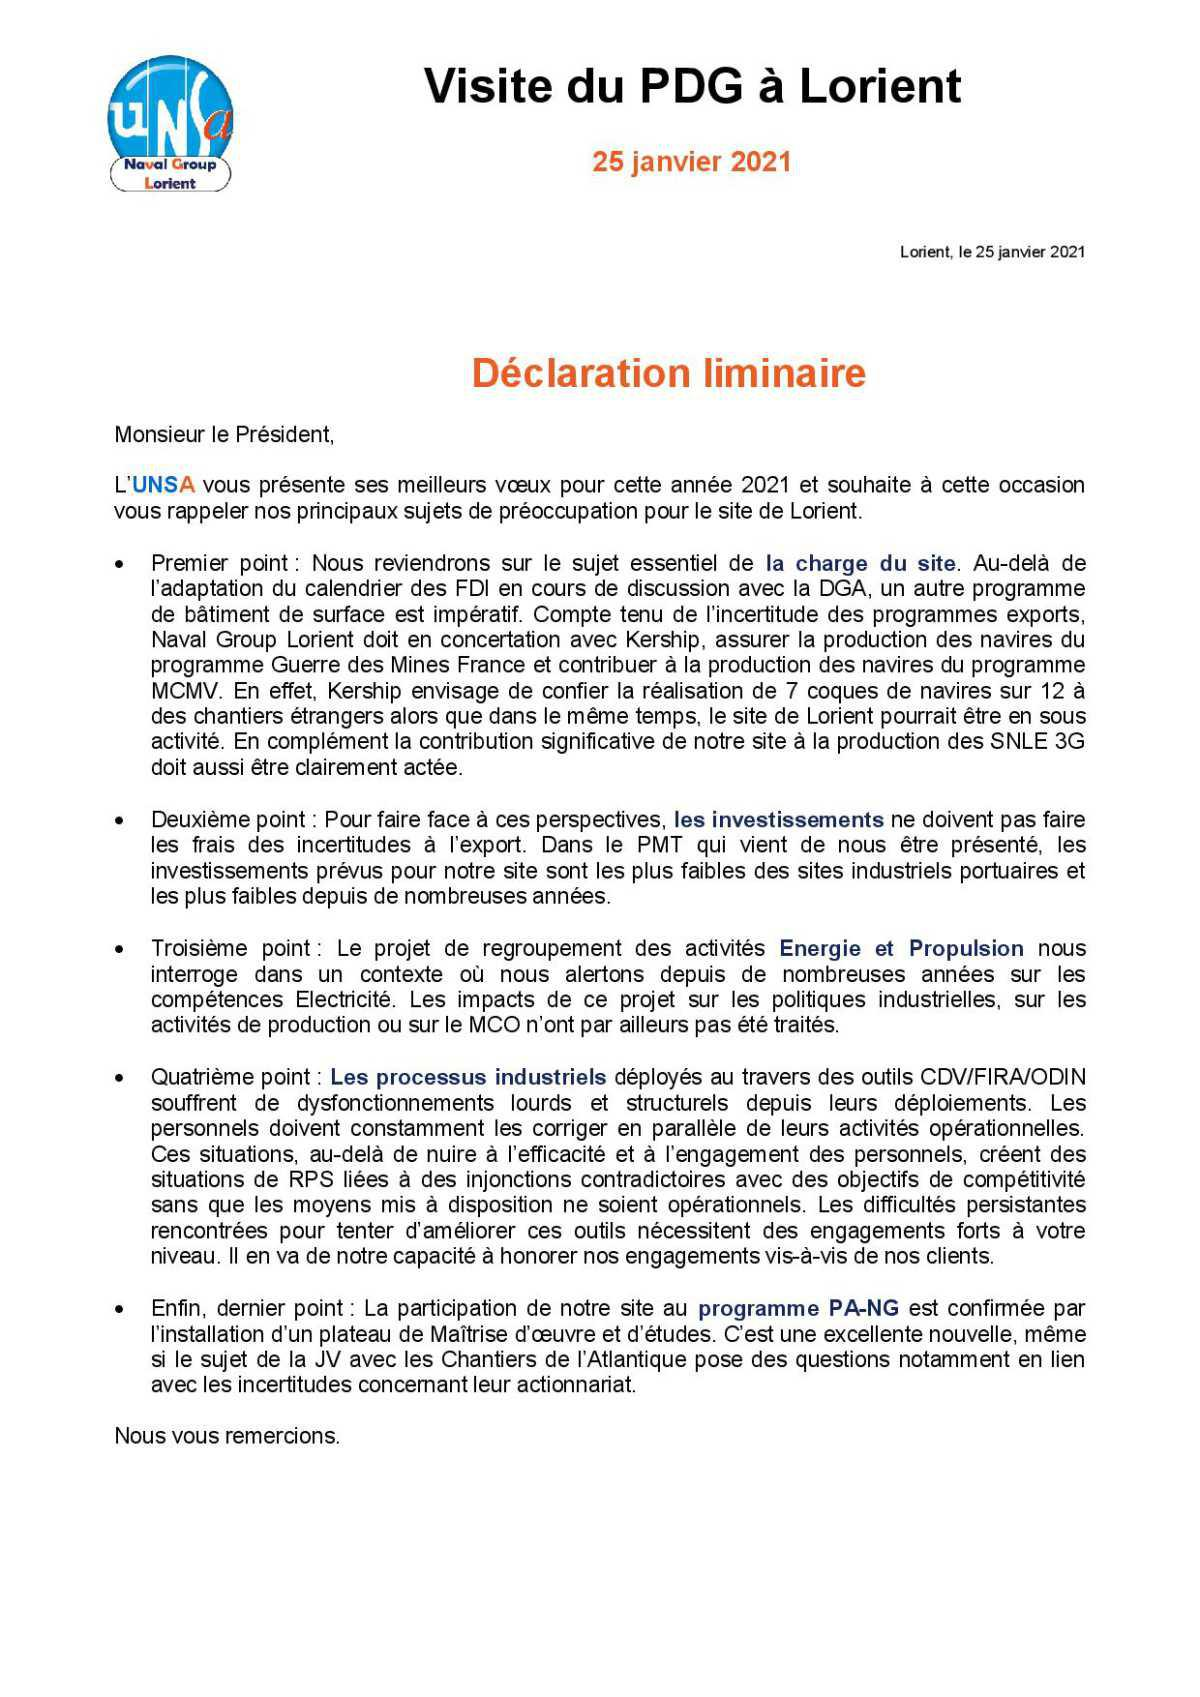 Déclaration liminaire - Visite du PDG à Lorient - 25 janvier 2021